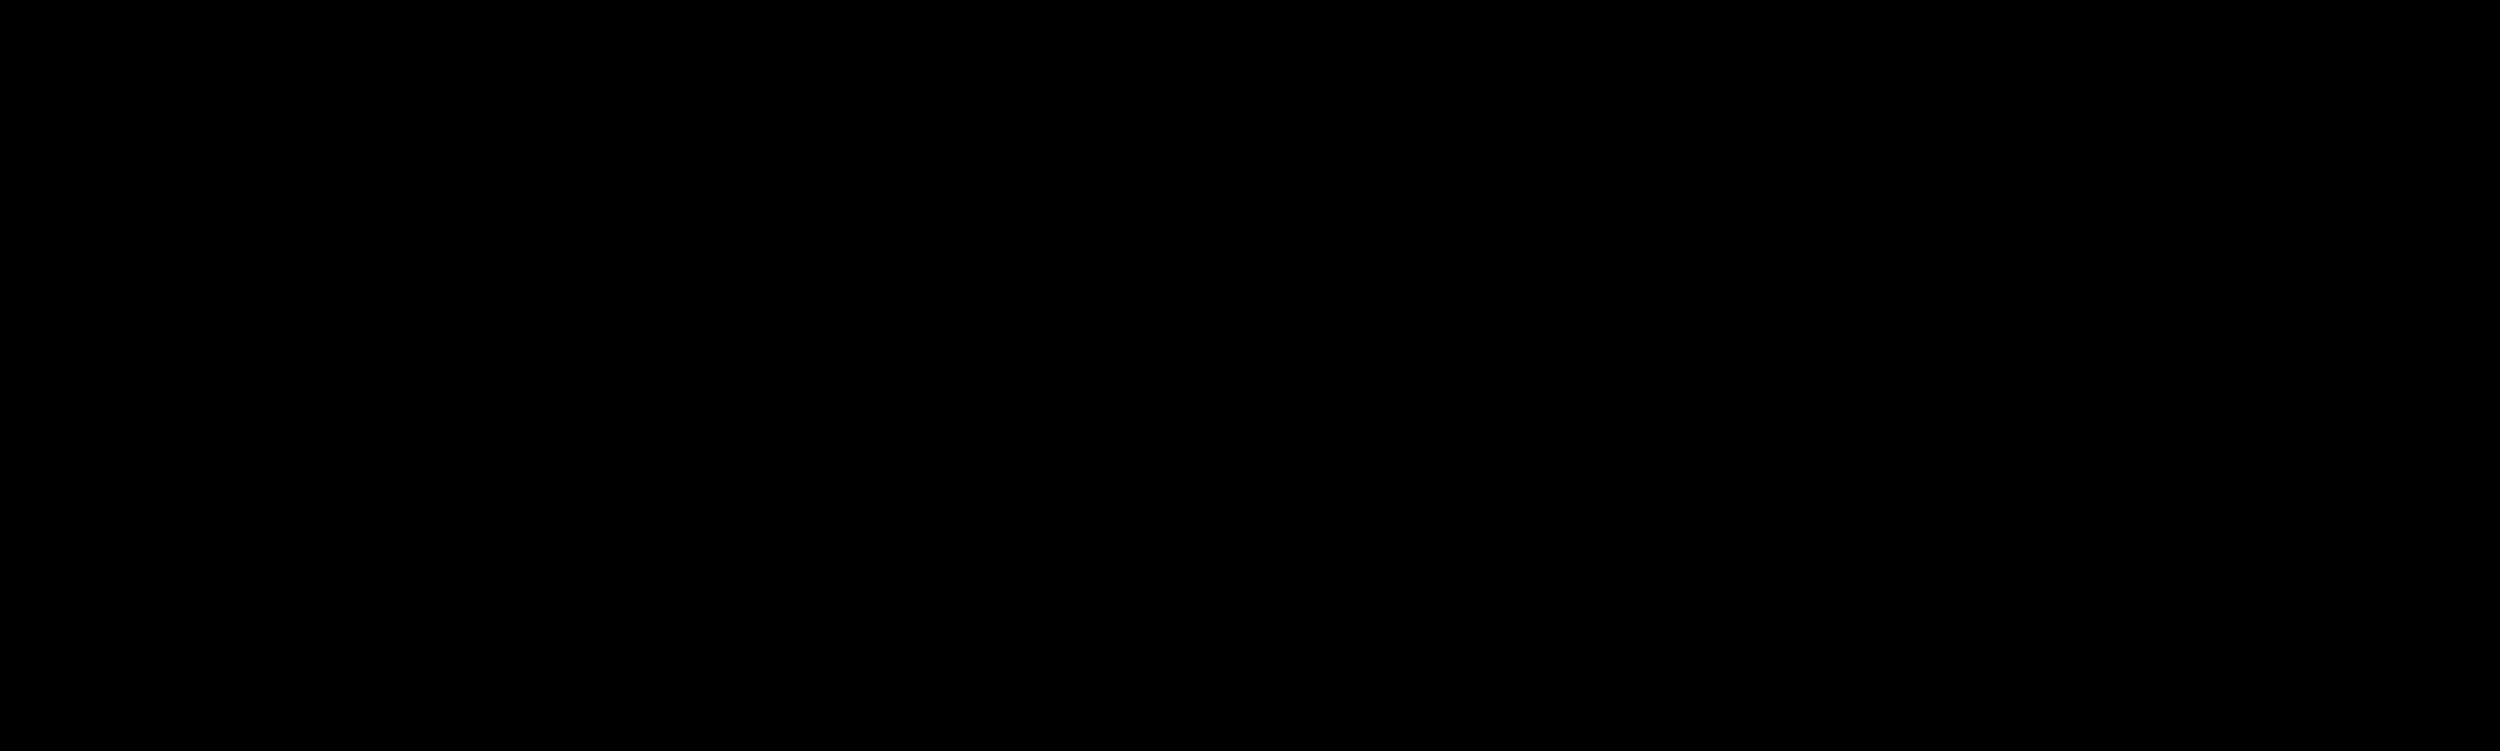 Gloude publishing logo zwart.png